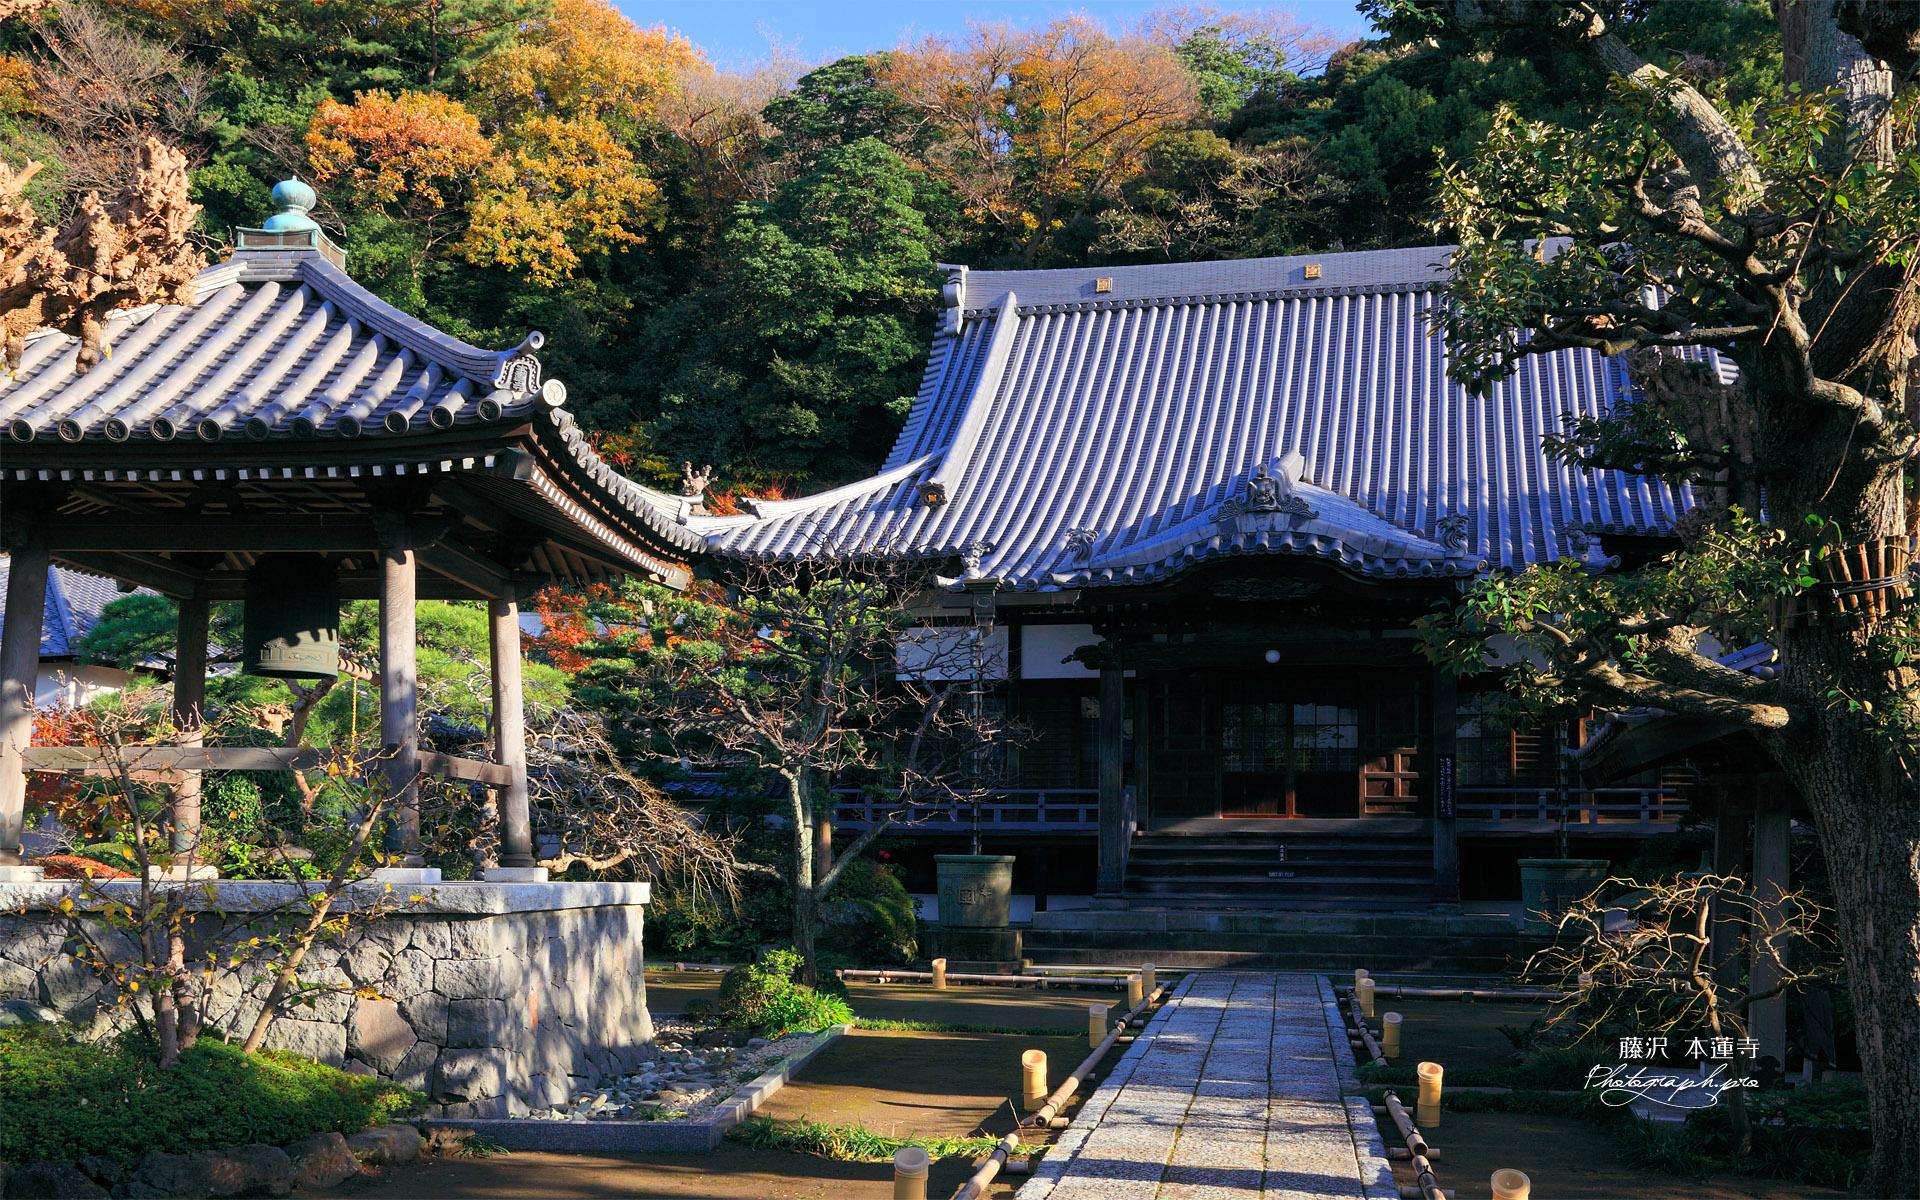 本蓮寺 鐘楼と本堂